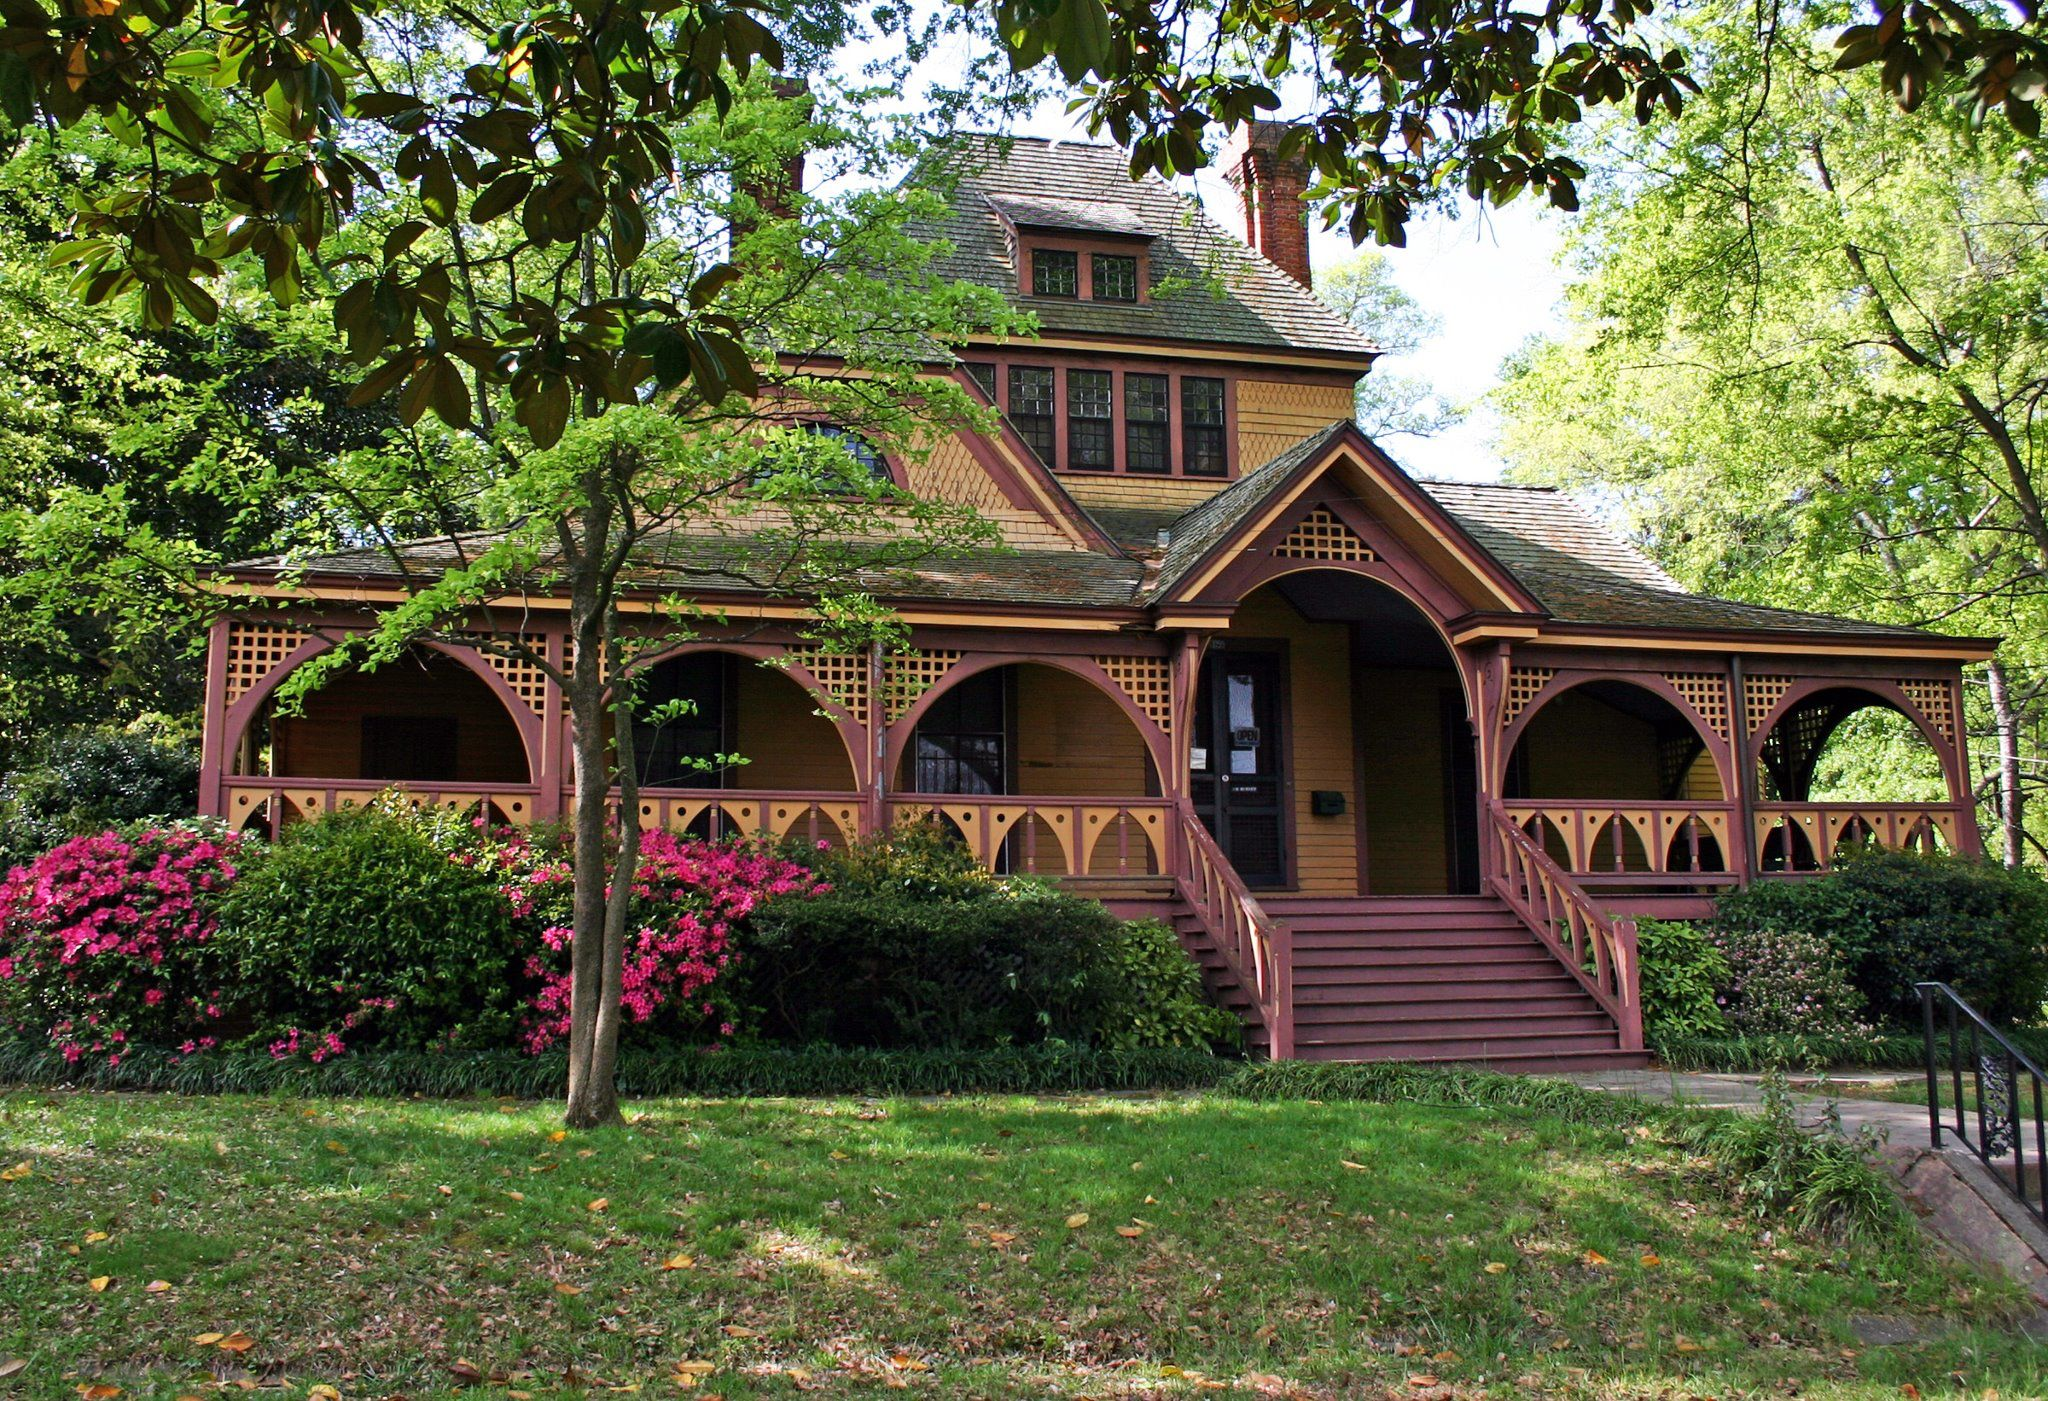 The Wren's Nest, Atlanta Georgia